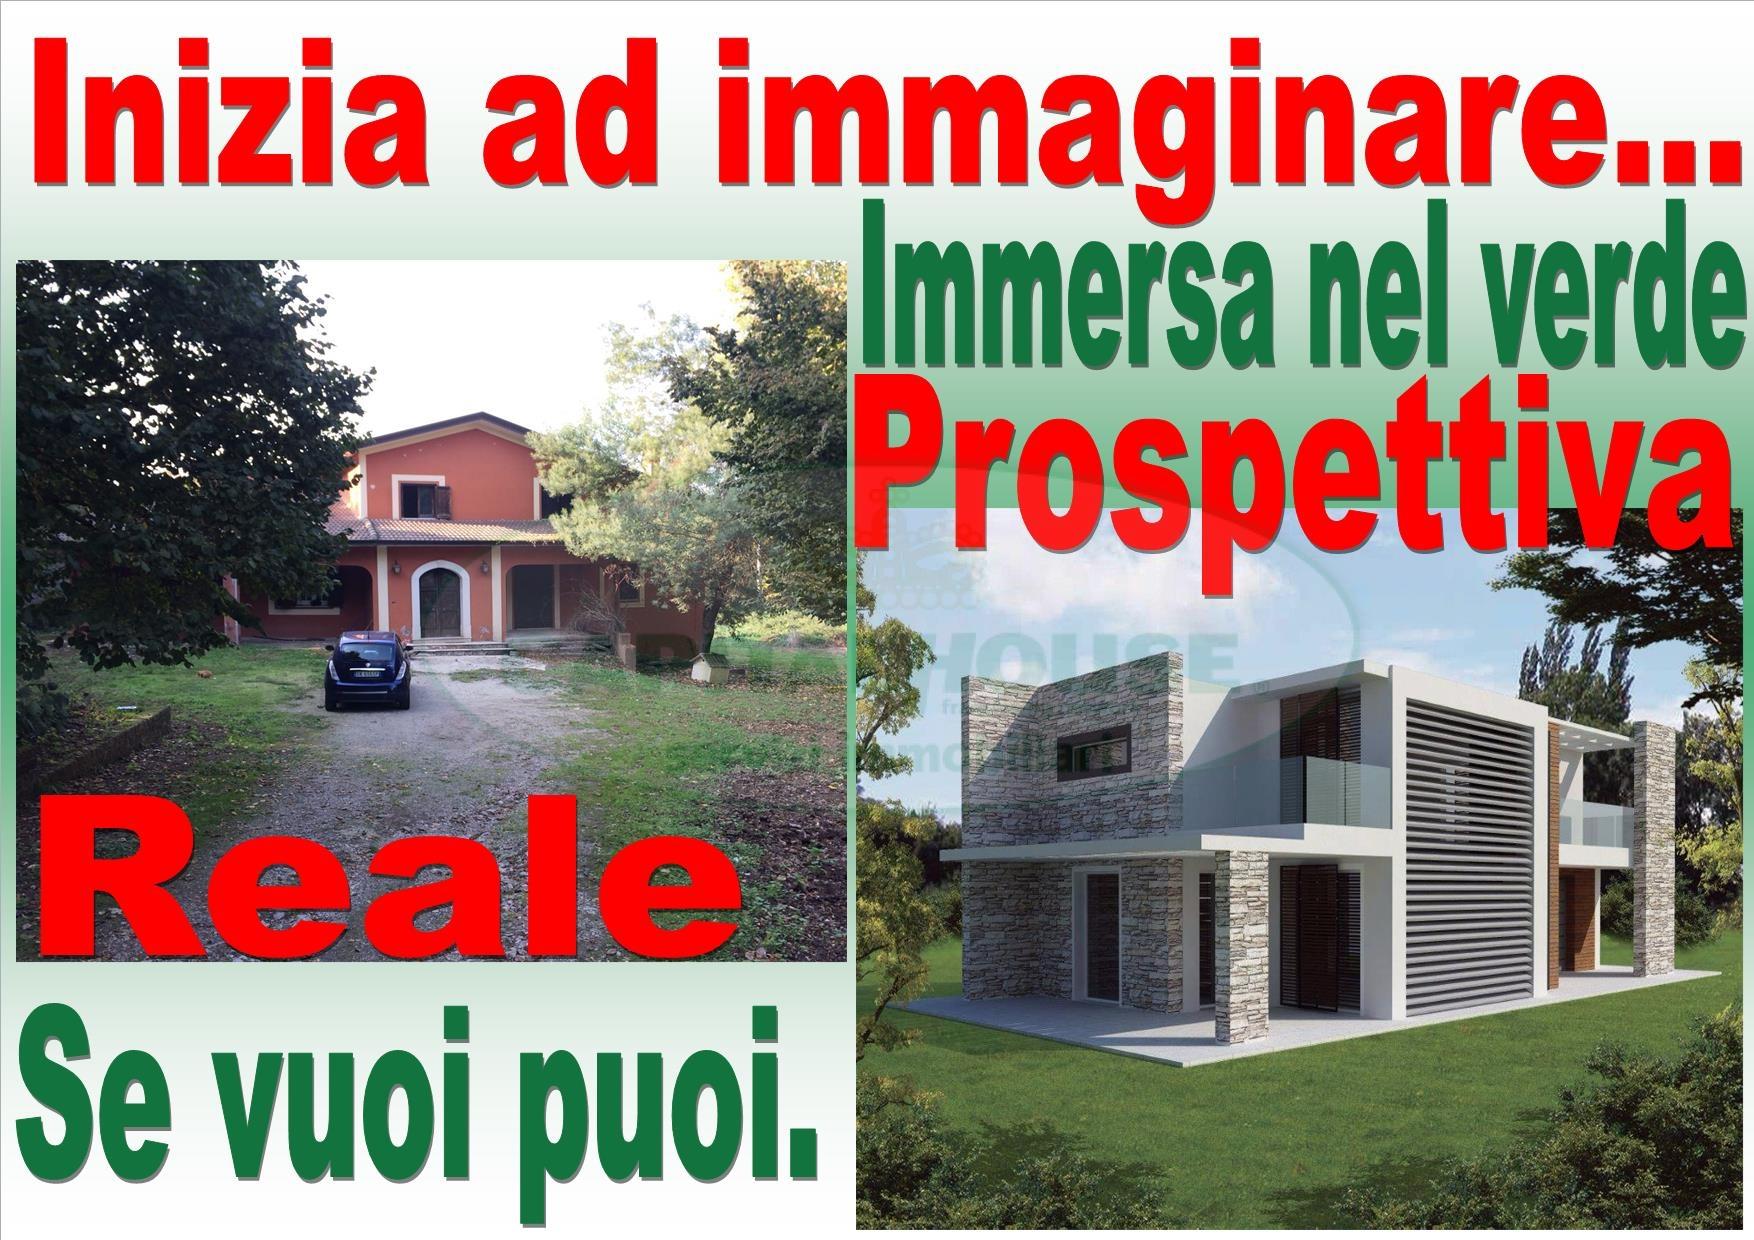 Villa in vendita a Avellino, 4 locali, prezzo € 300.000   CambioCasa.it